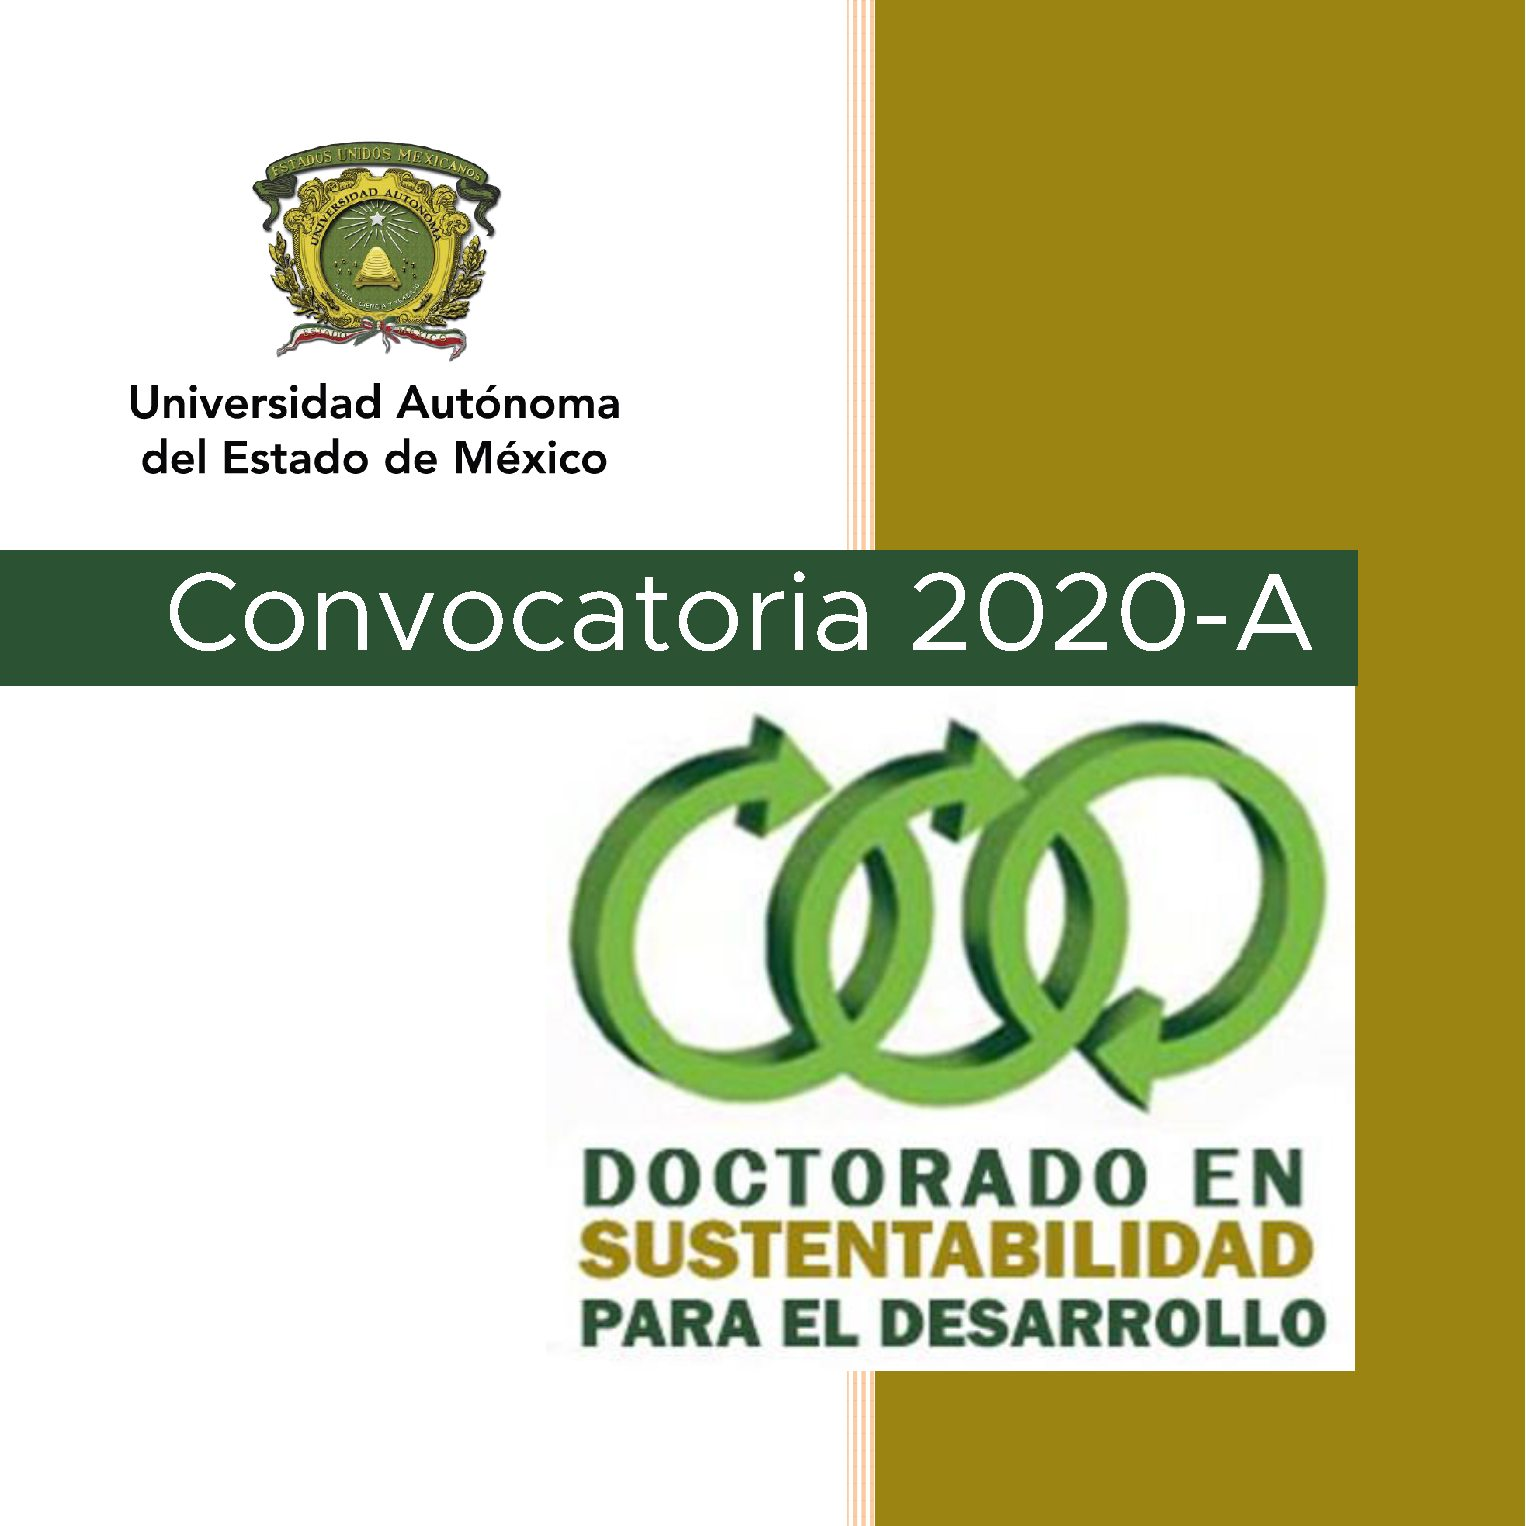 Doctorado en Sustentabilidad para el Desarrollo